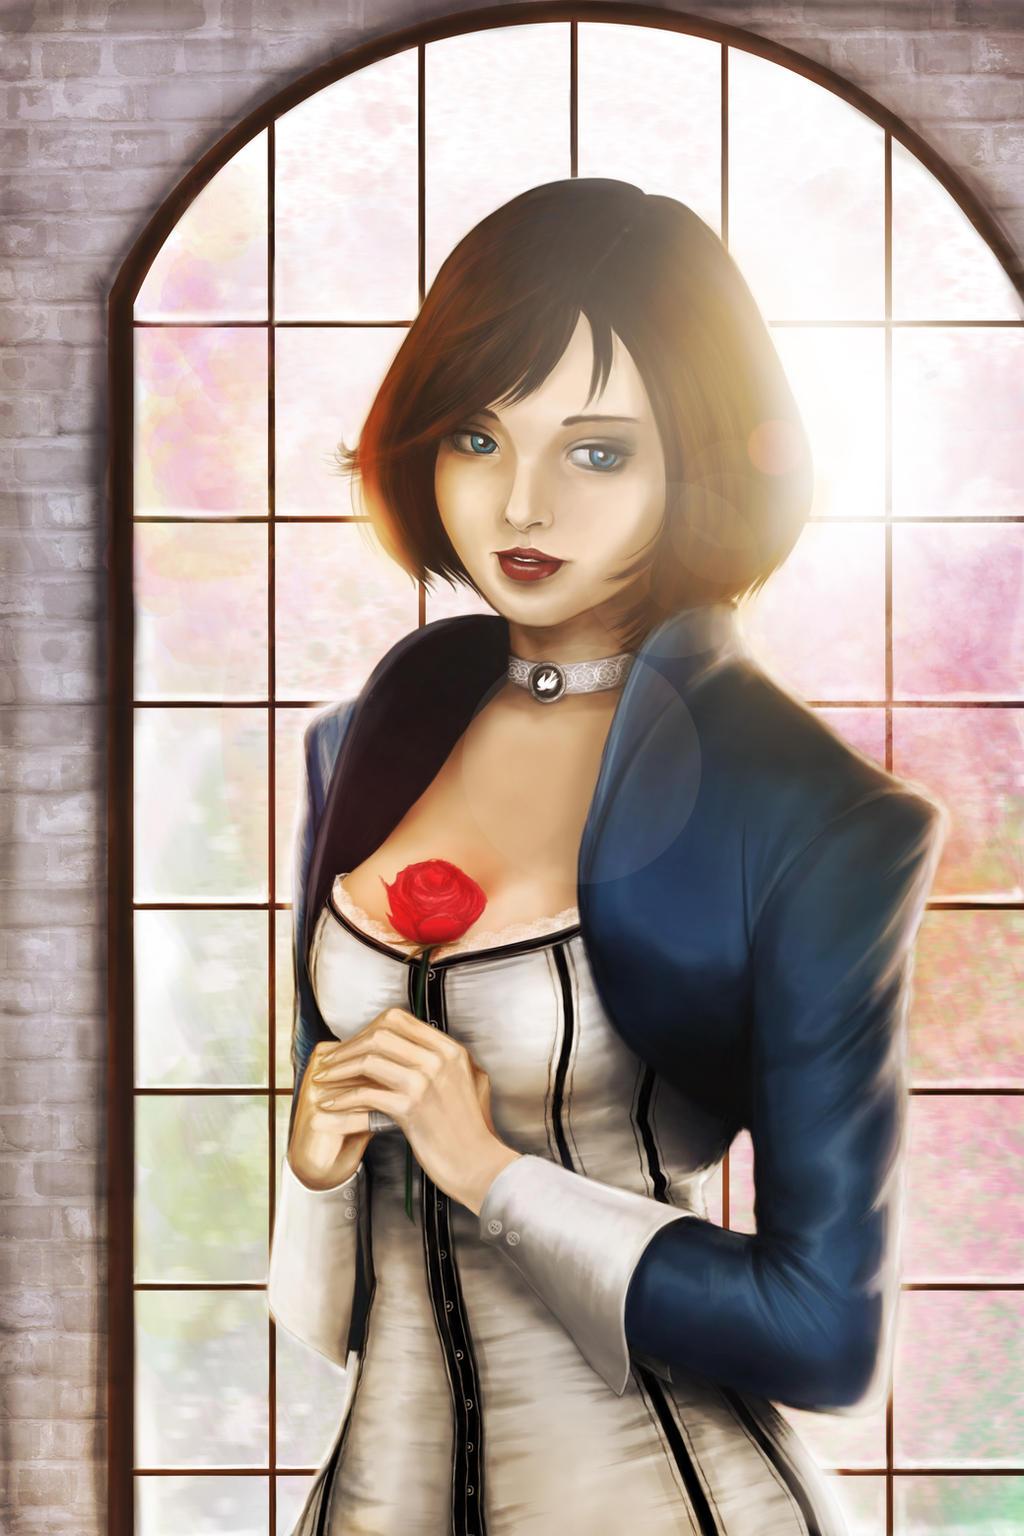 Bioshock Infinite - Elizabeth by ZhouJiaSheng